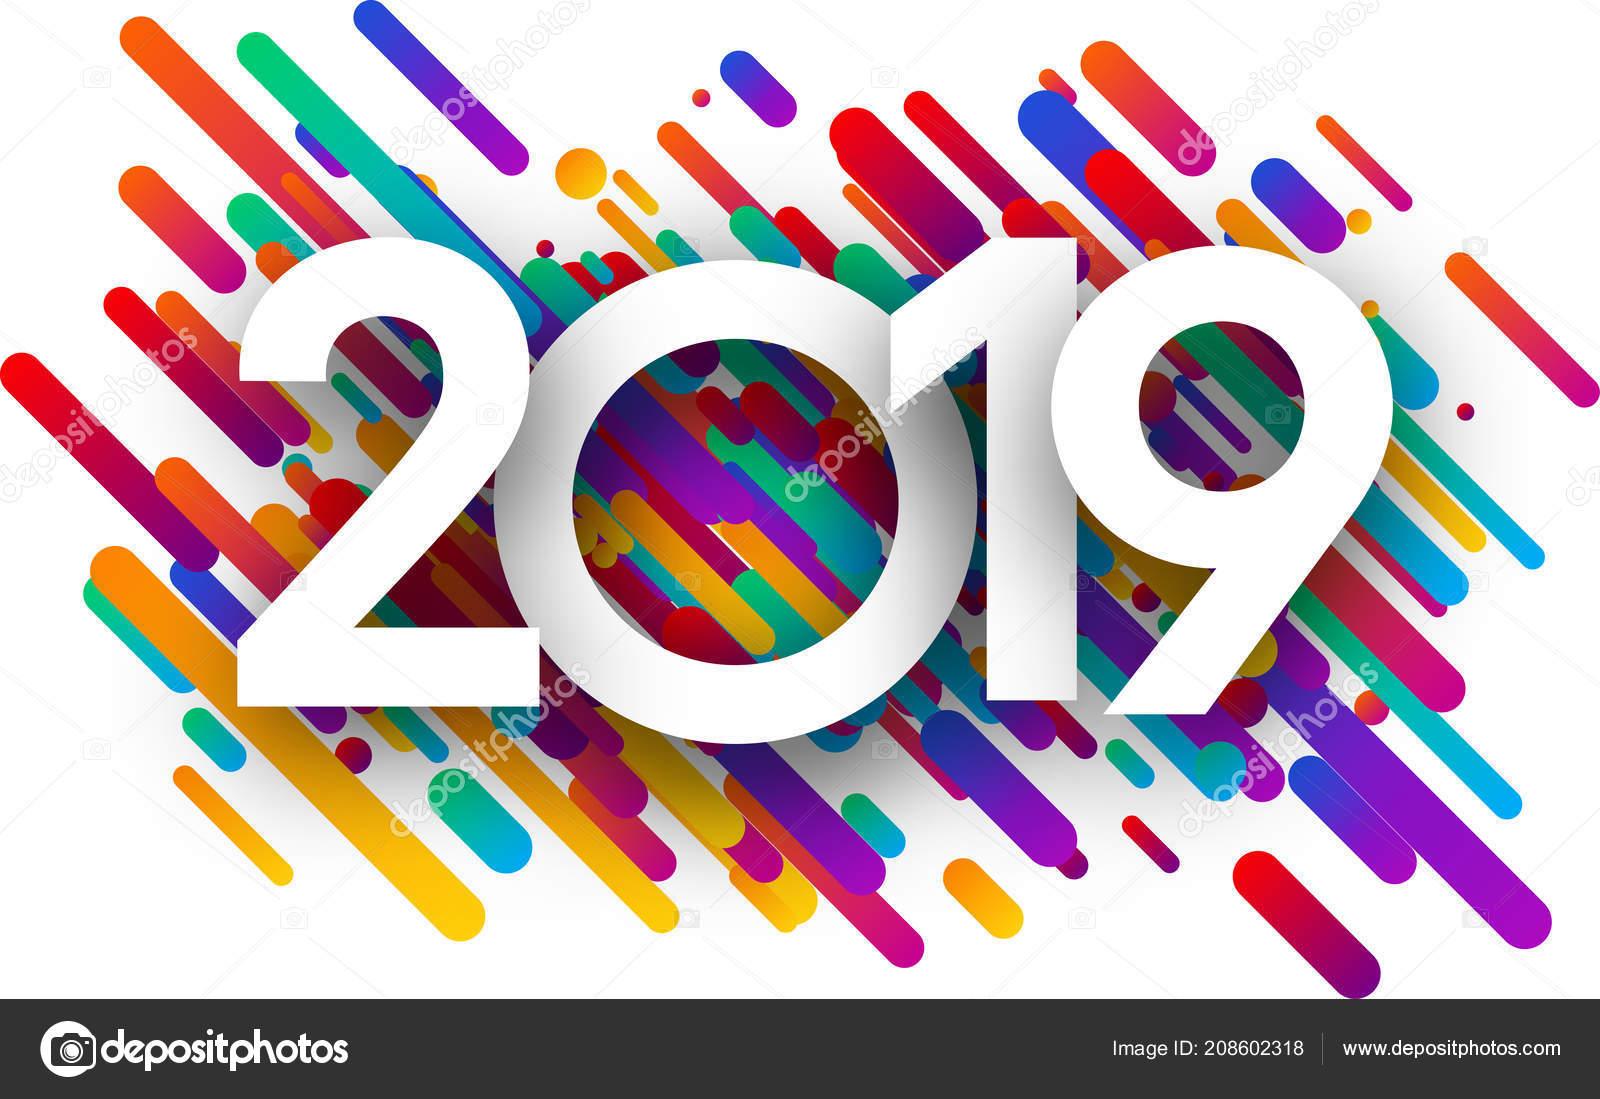 Beyaz Arka Plan üzerinde Renkli Boya Darbeleri Ile 2019 Yeni Stok